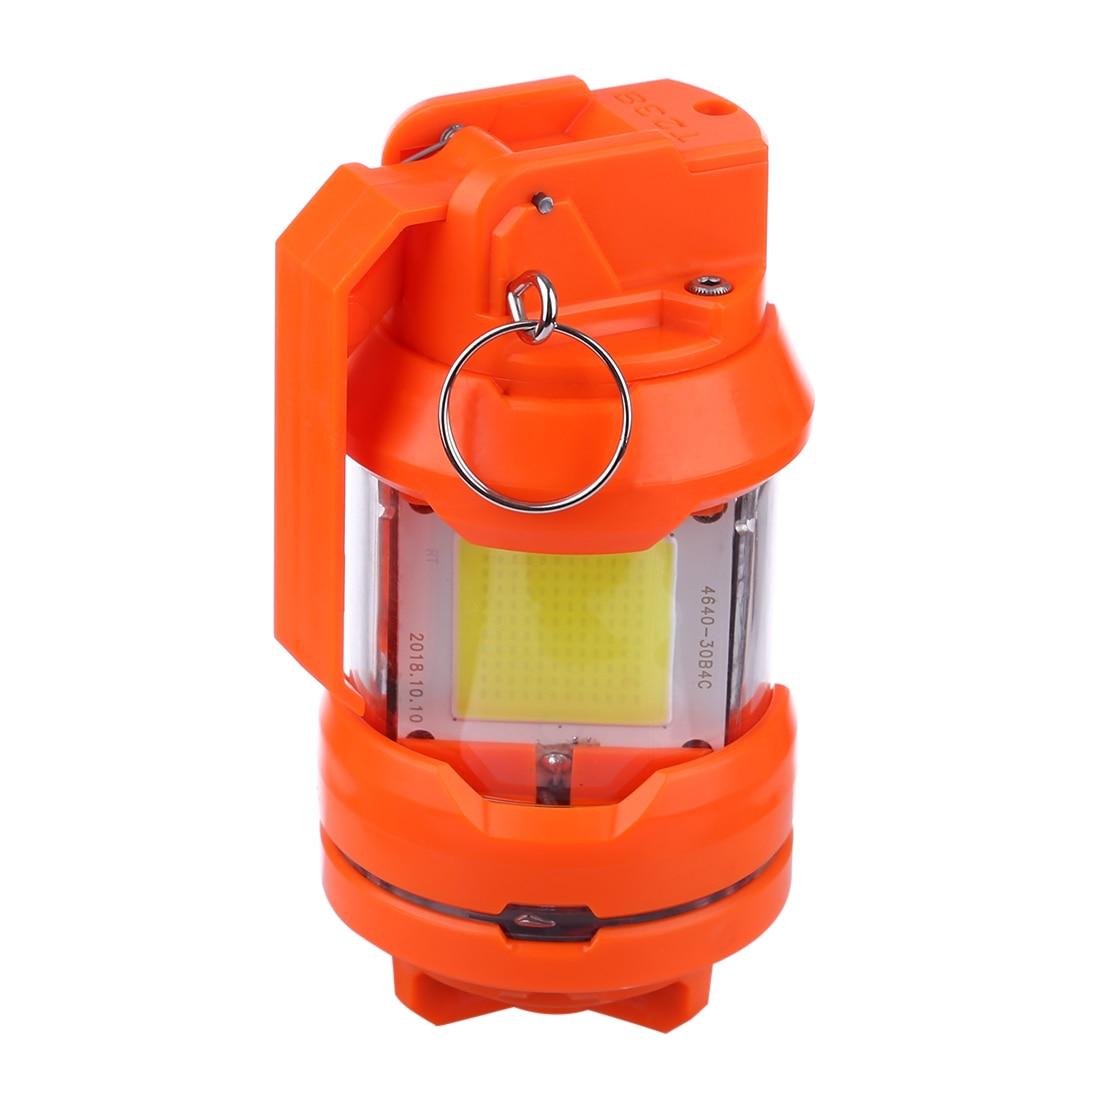 Bomba flash t238 led freqüência brilhante legal atordoar para 11.1v bateria para nerf contas de água blaster noite luta (sem bateria)